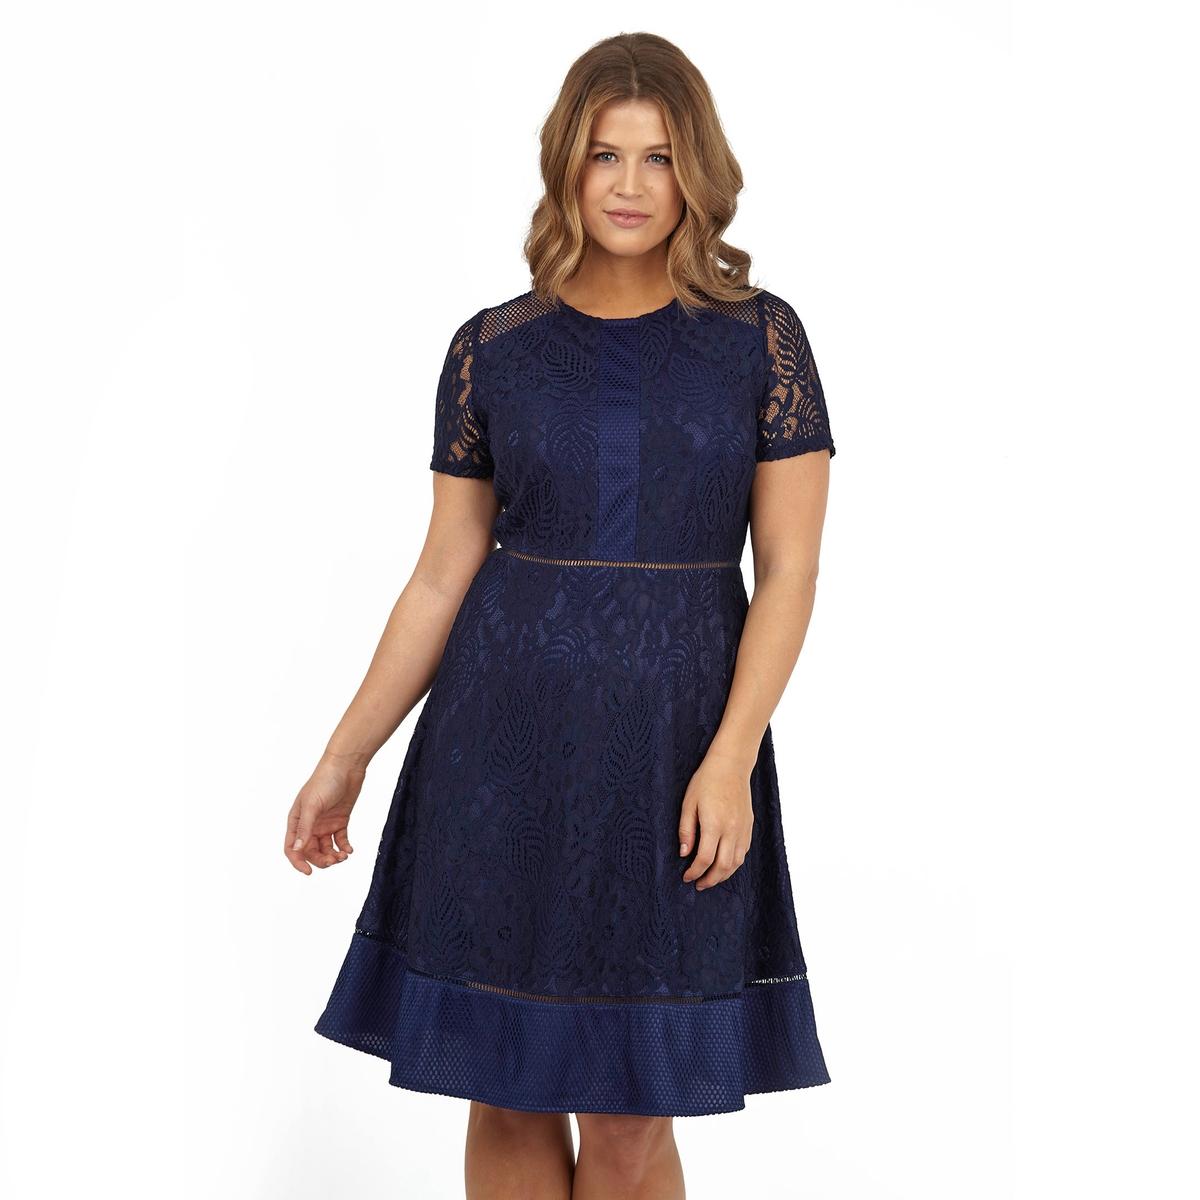 ПлатьеПлатье с короткими рукавами KOKO BY KOKO. 100% полиэстер.<br><br>Цвет: синий морской<br>Размер: 58/60 (FR) - 64/66 (RUS)